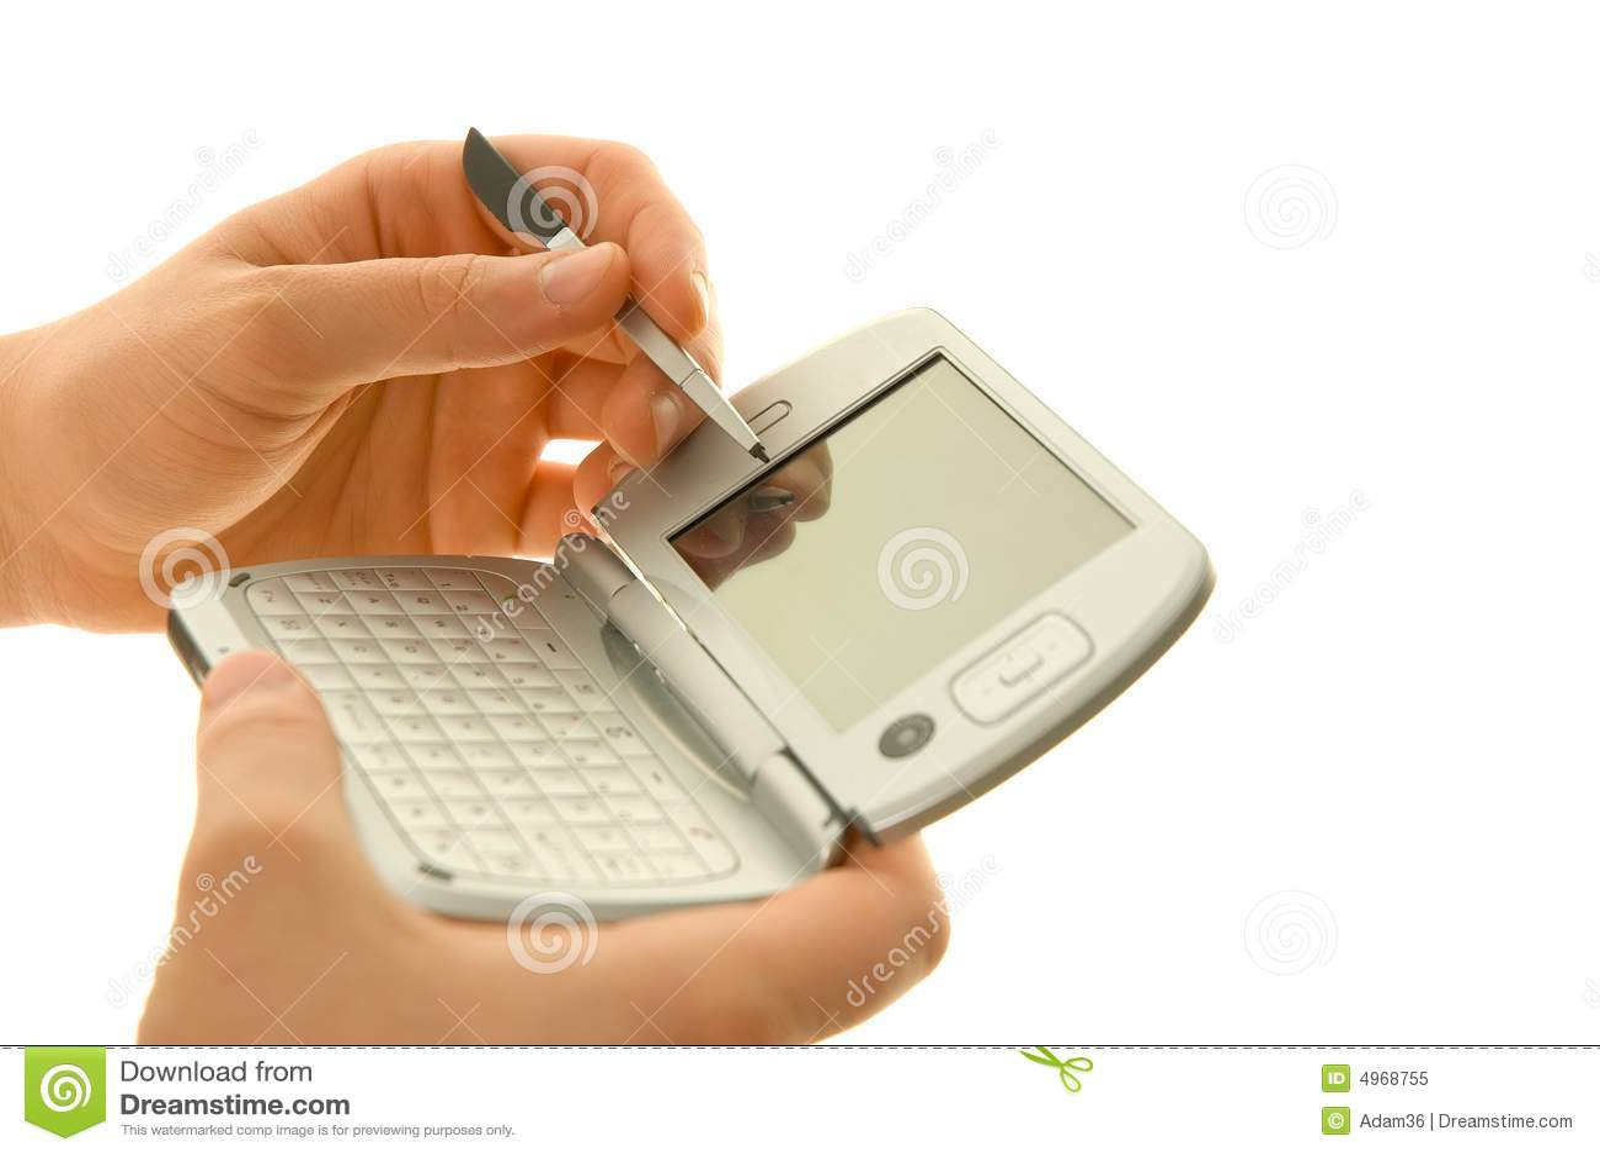 Palmtop stylus ręce